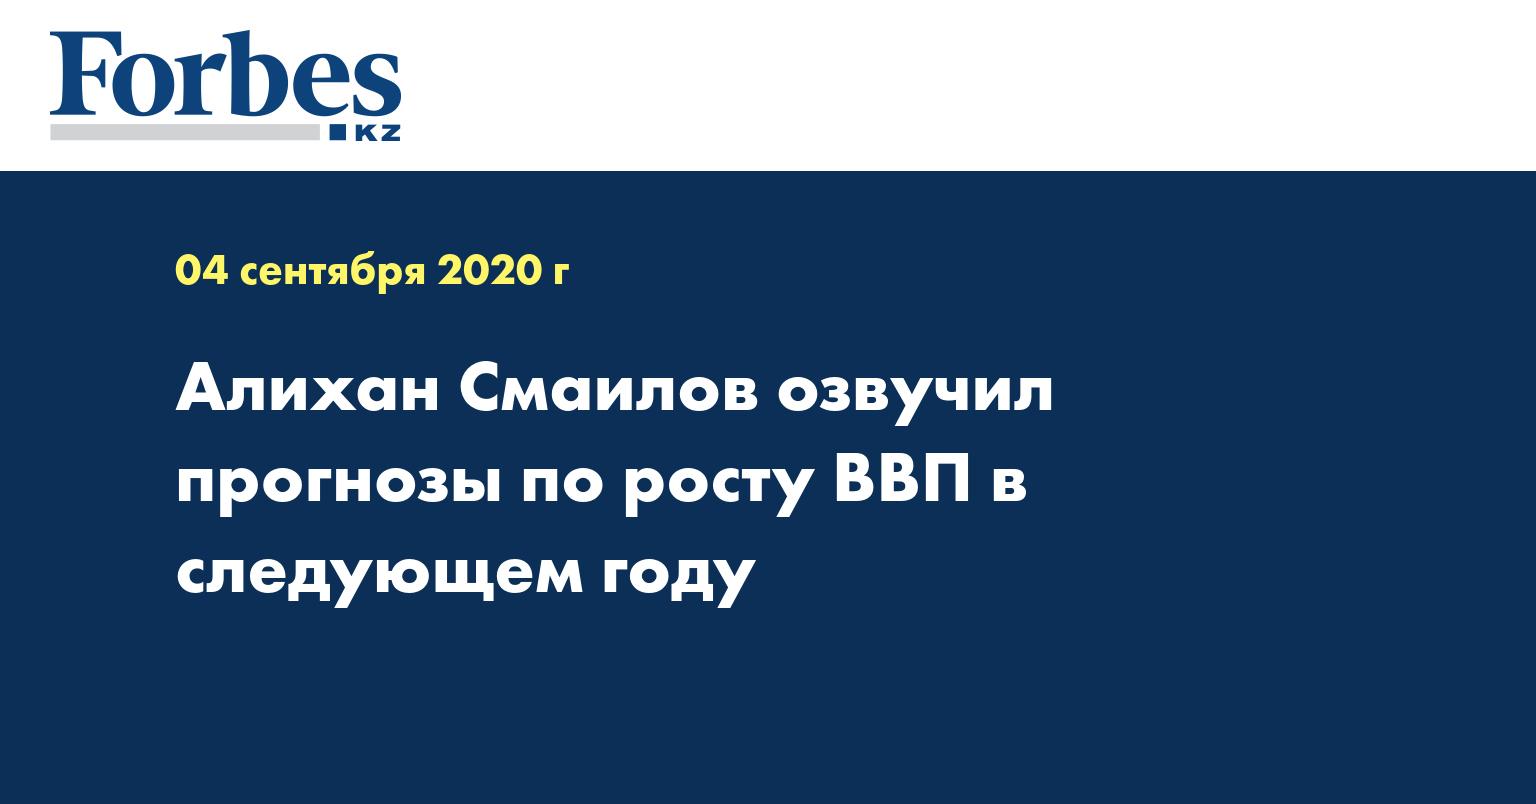 Алихан Смаилов озвучил прогнозы по росту ВВП в следующем году